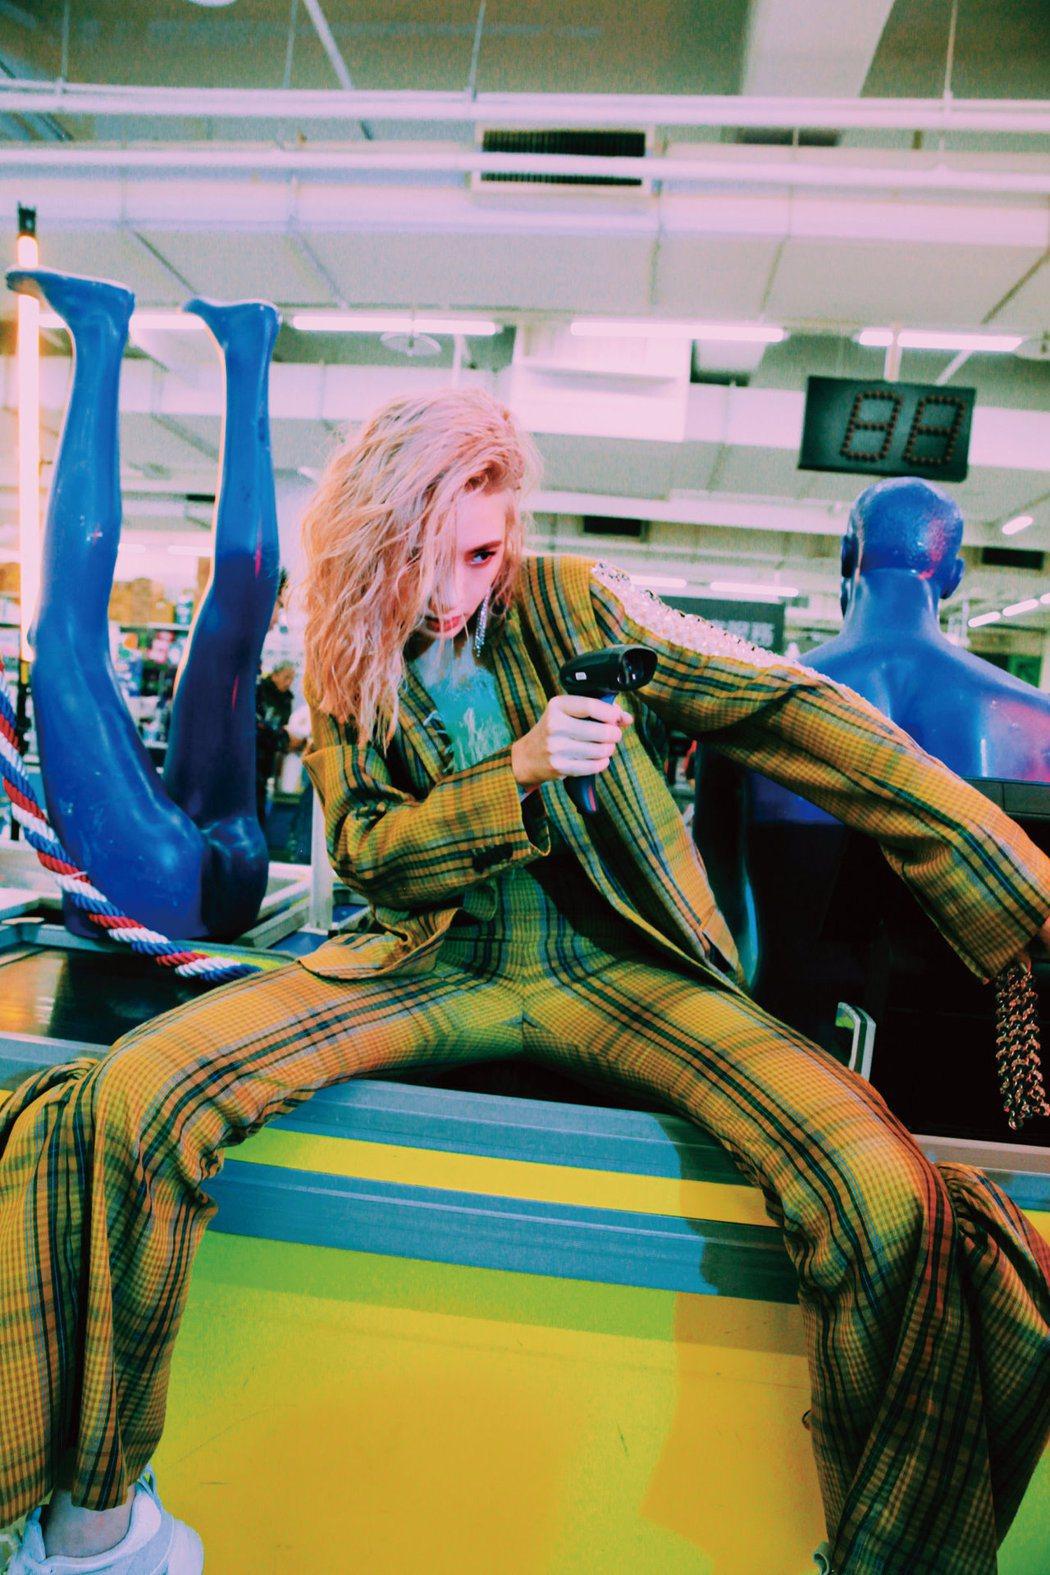 安心亞推出新專輯「愛得起」。圖/環球音樂提供